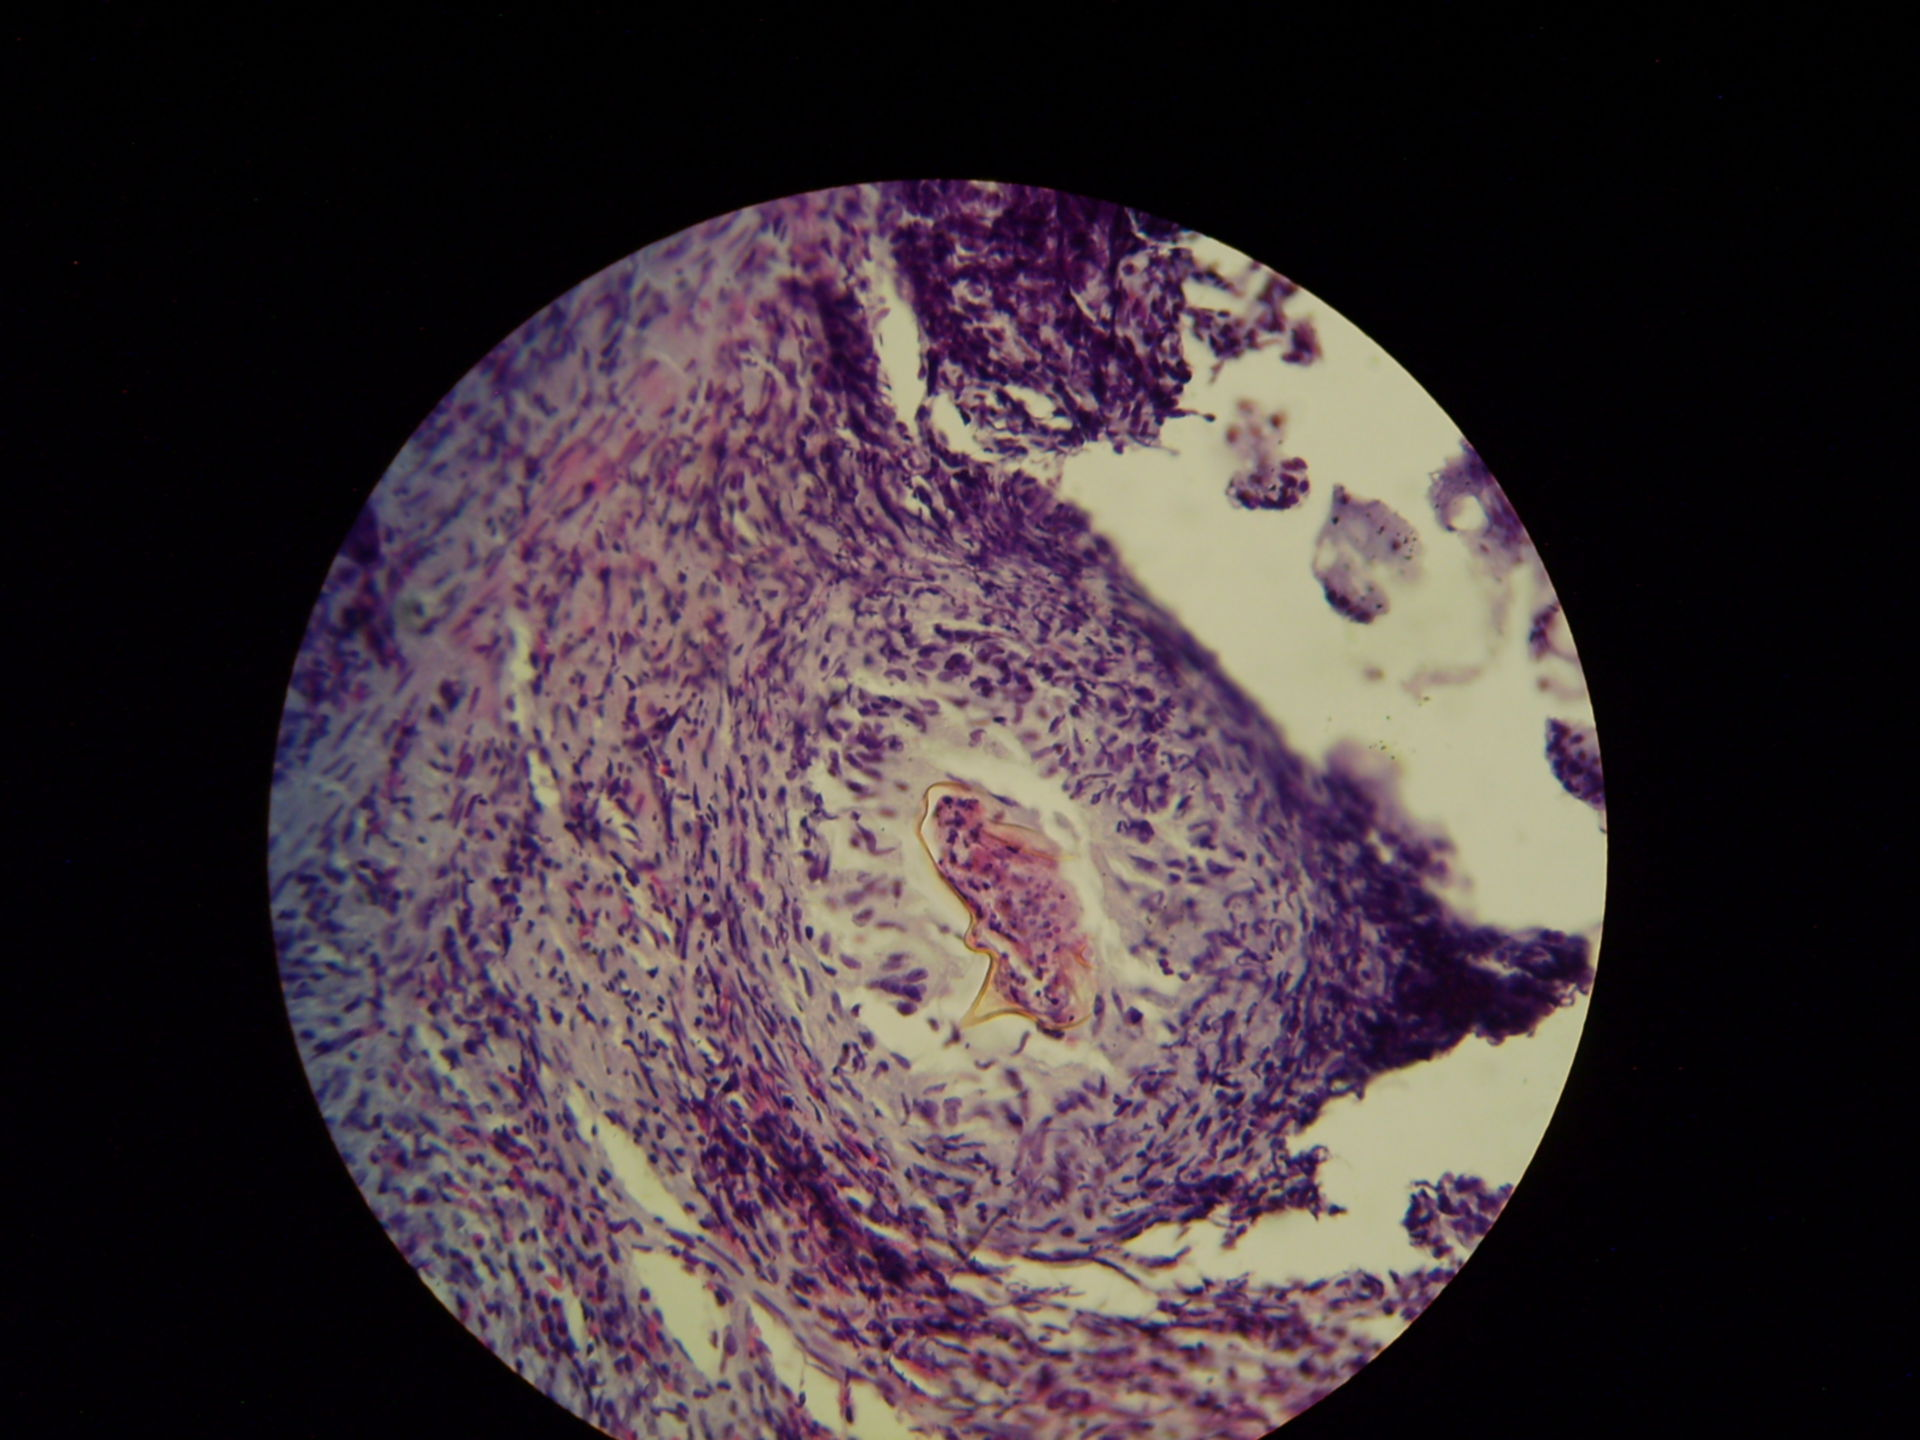 Schistosomiasis rectum